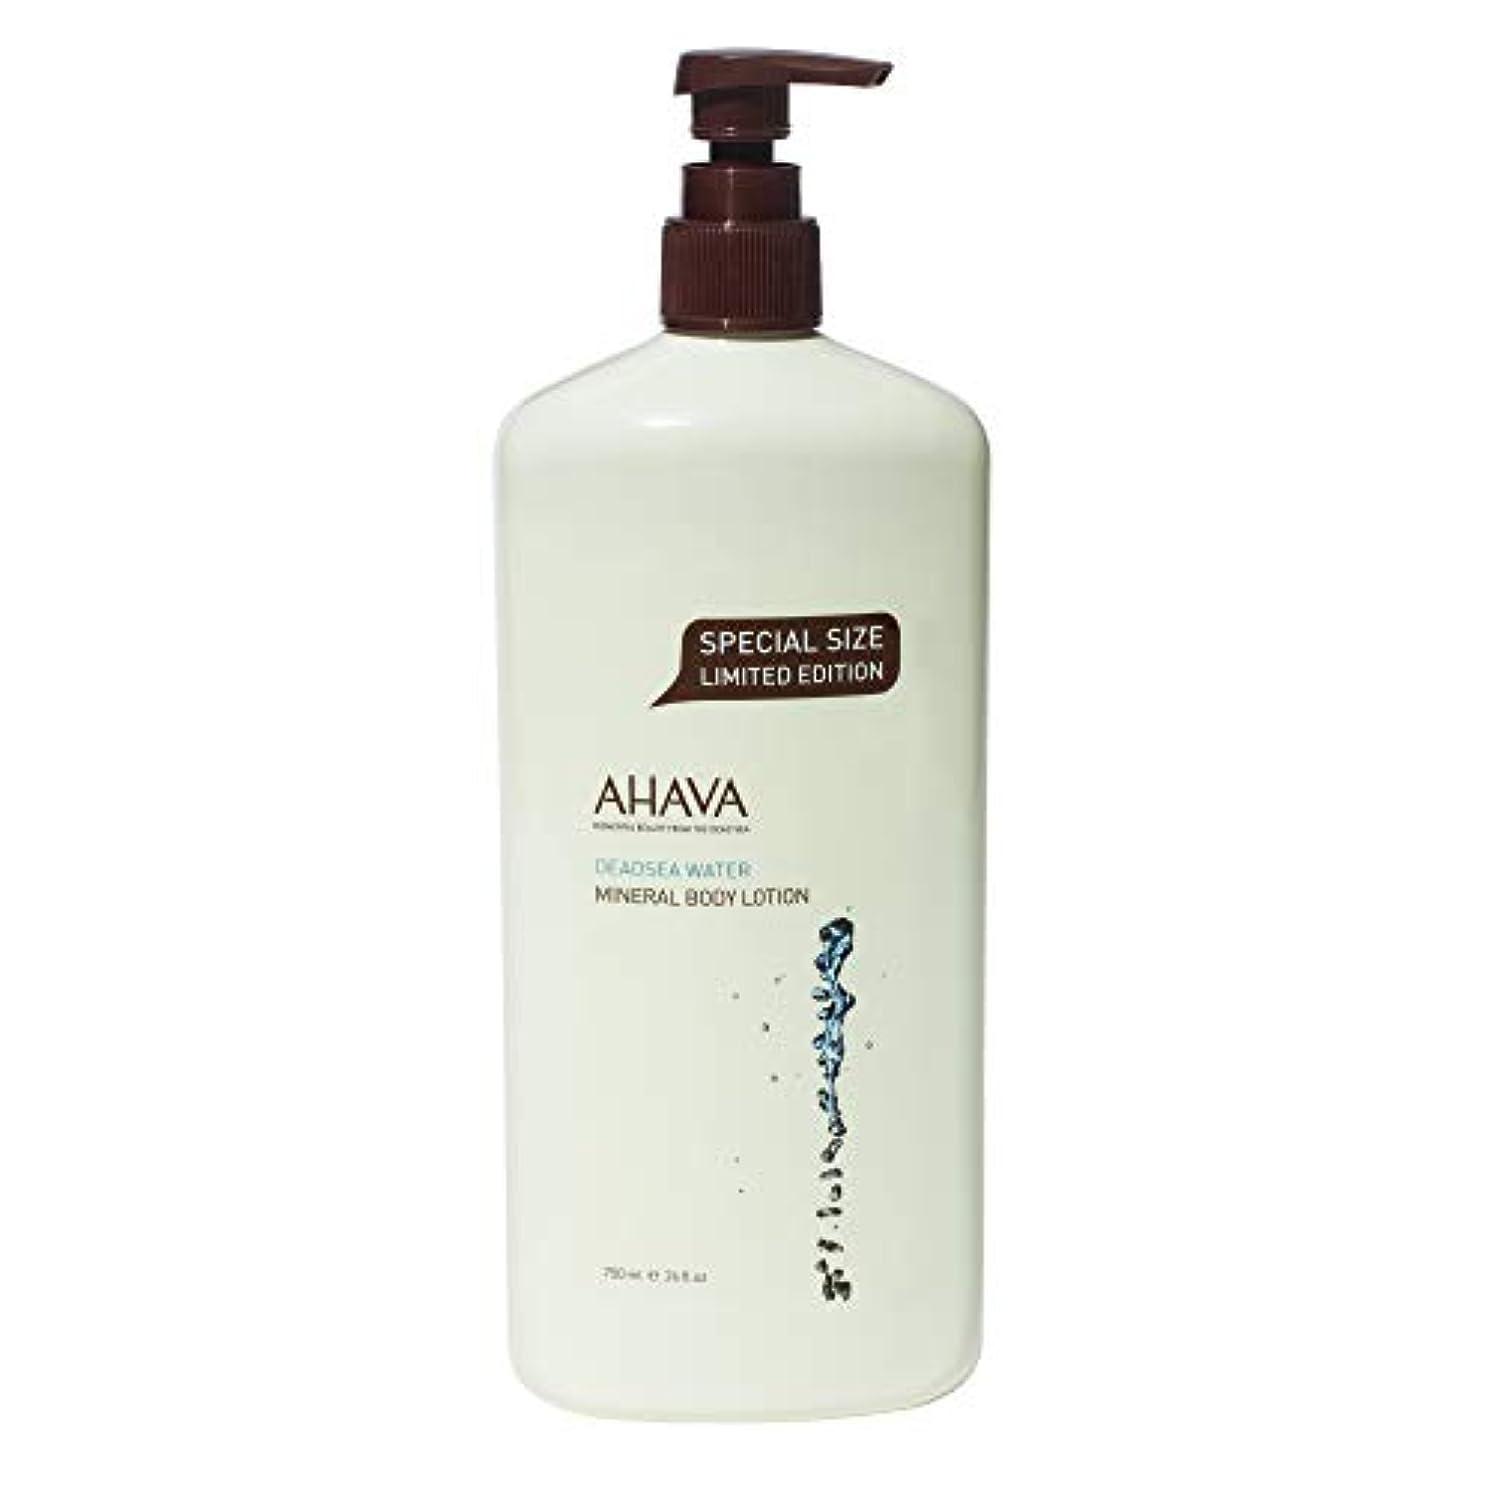 ミリメートルポータル困ったアハバ Deadsea Water Mineral Body Lotion (Limited Edition) 750ml/24oz